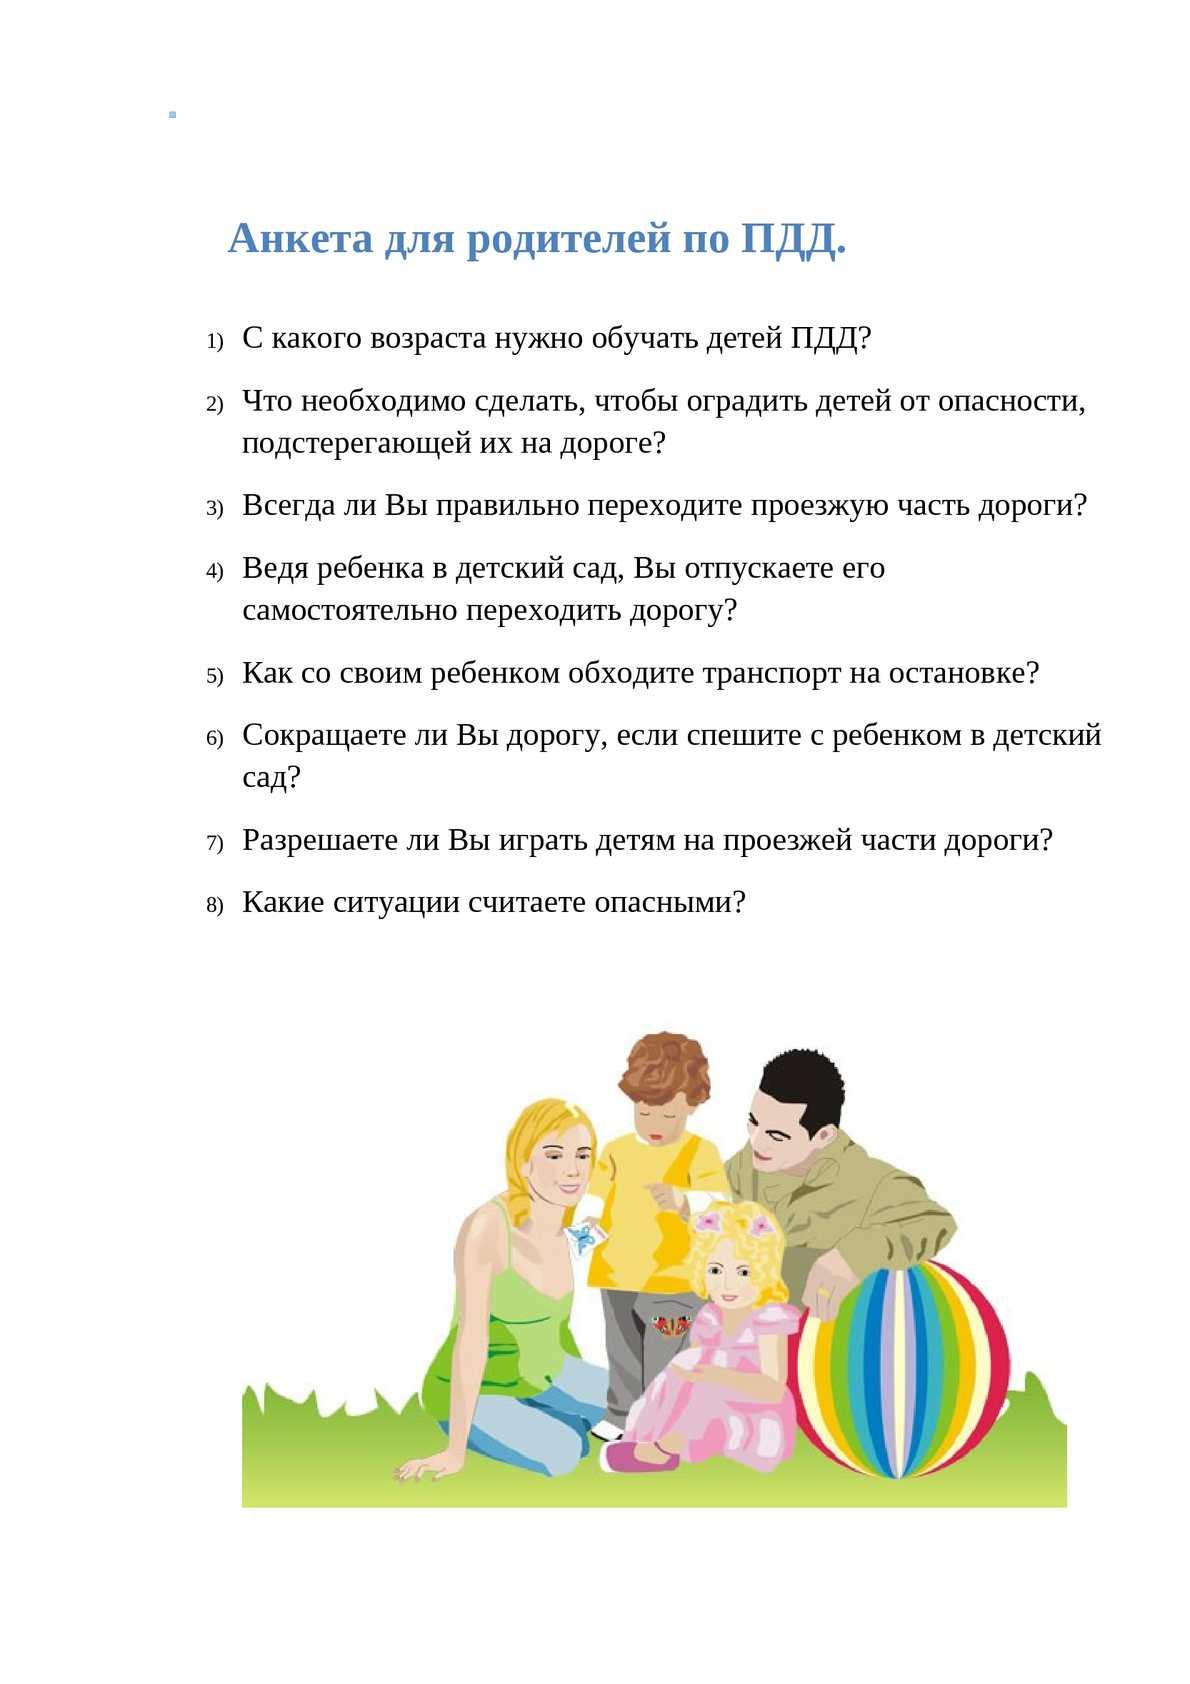 анкета для родителей знакомство сад